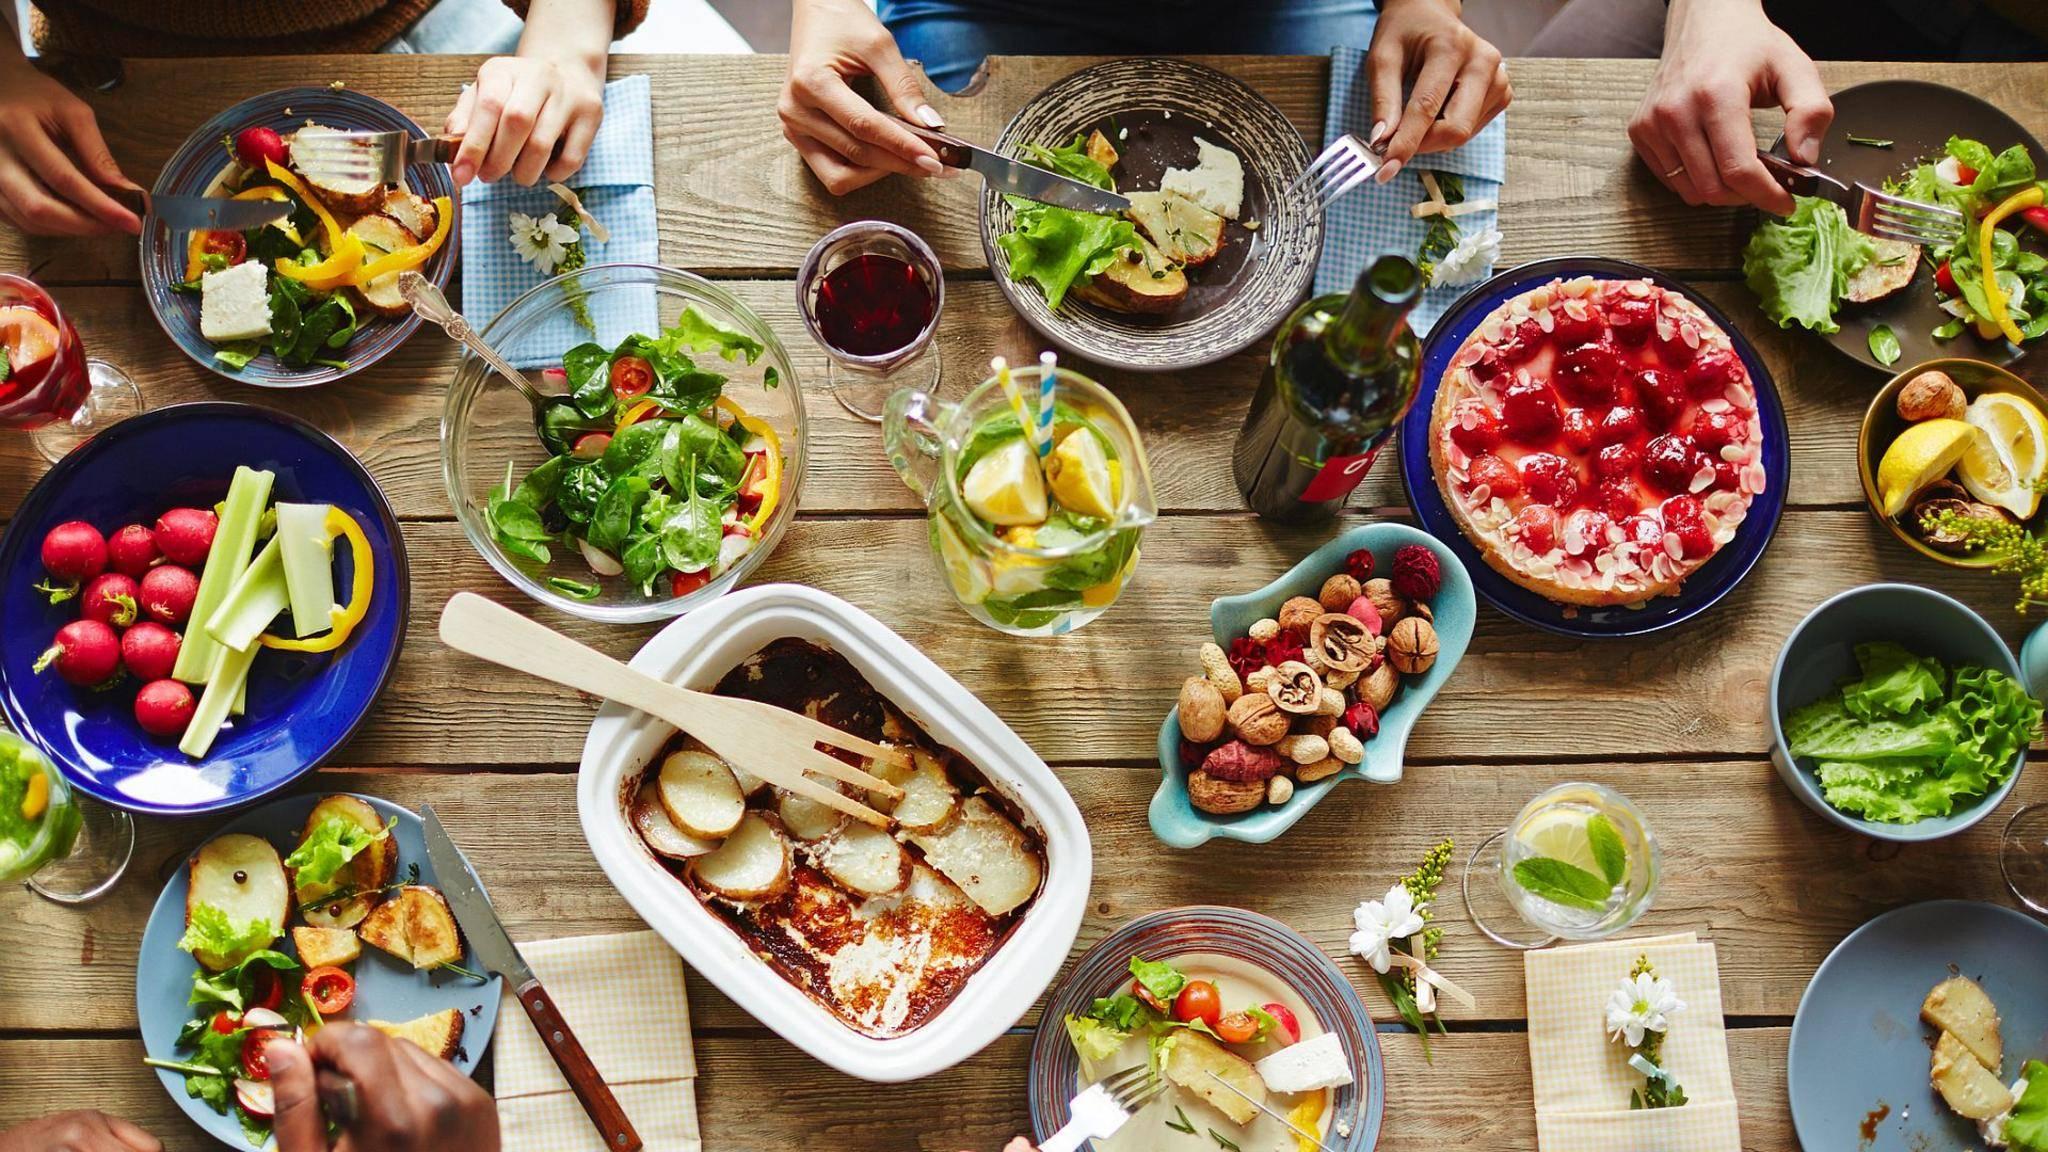 Gesund und gut fürs Abnehmen: Clean-Eating-Rezepte sind auch in Deutschland immer beliebter.